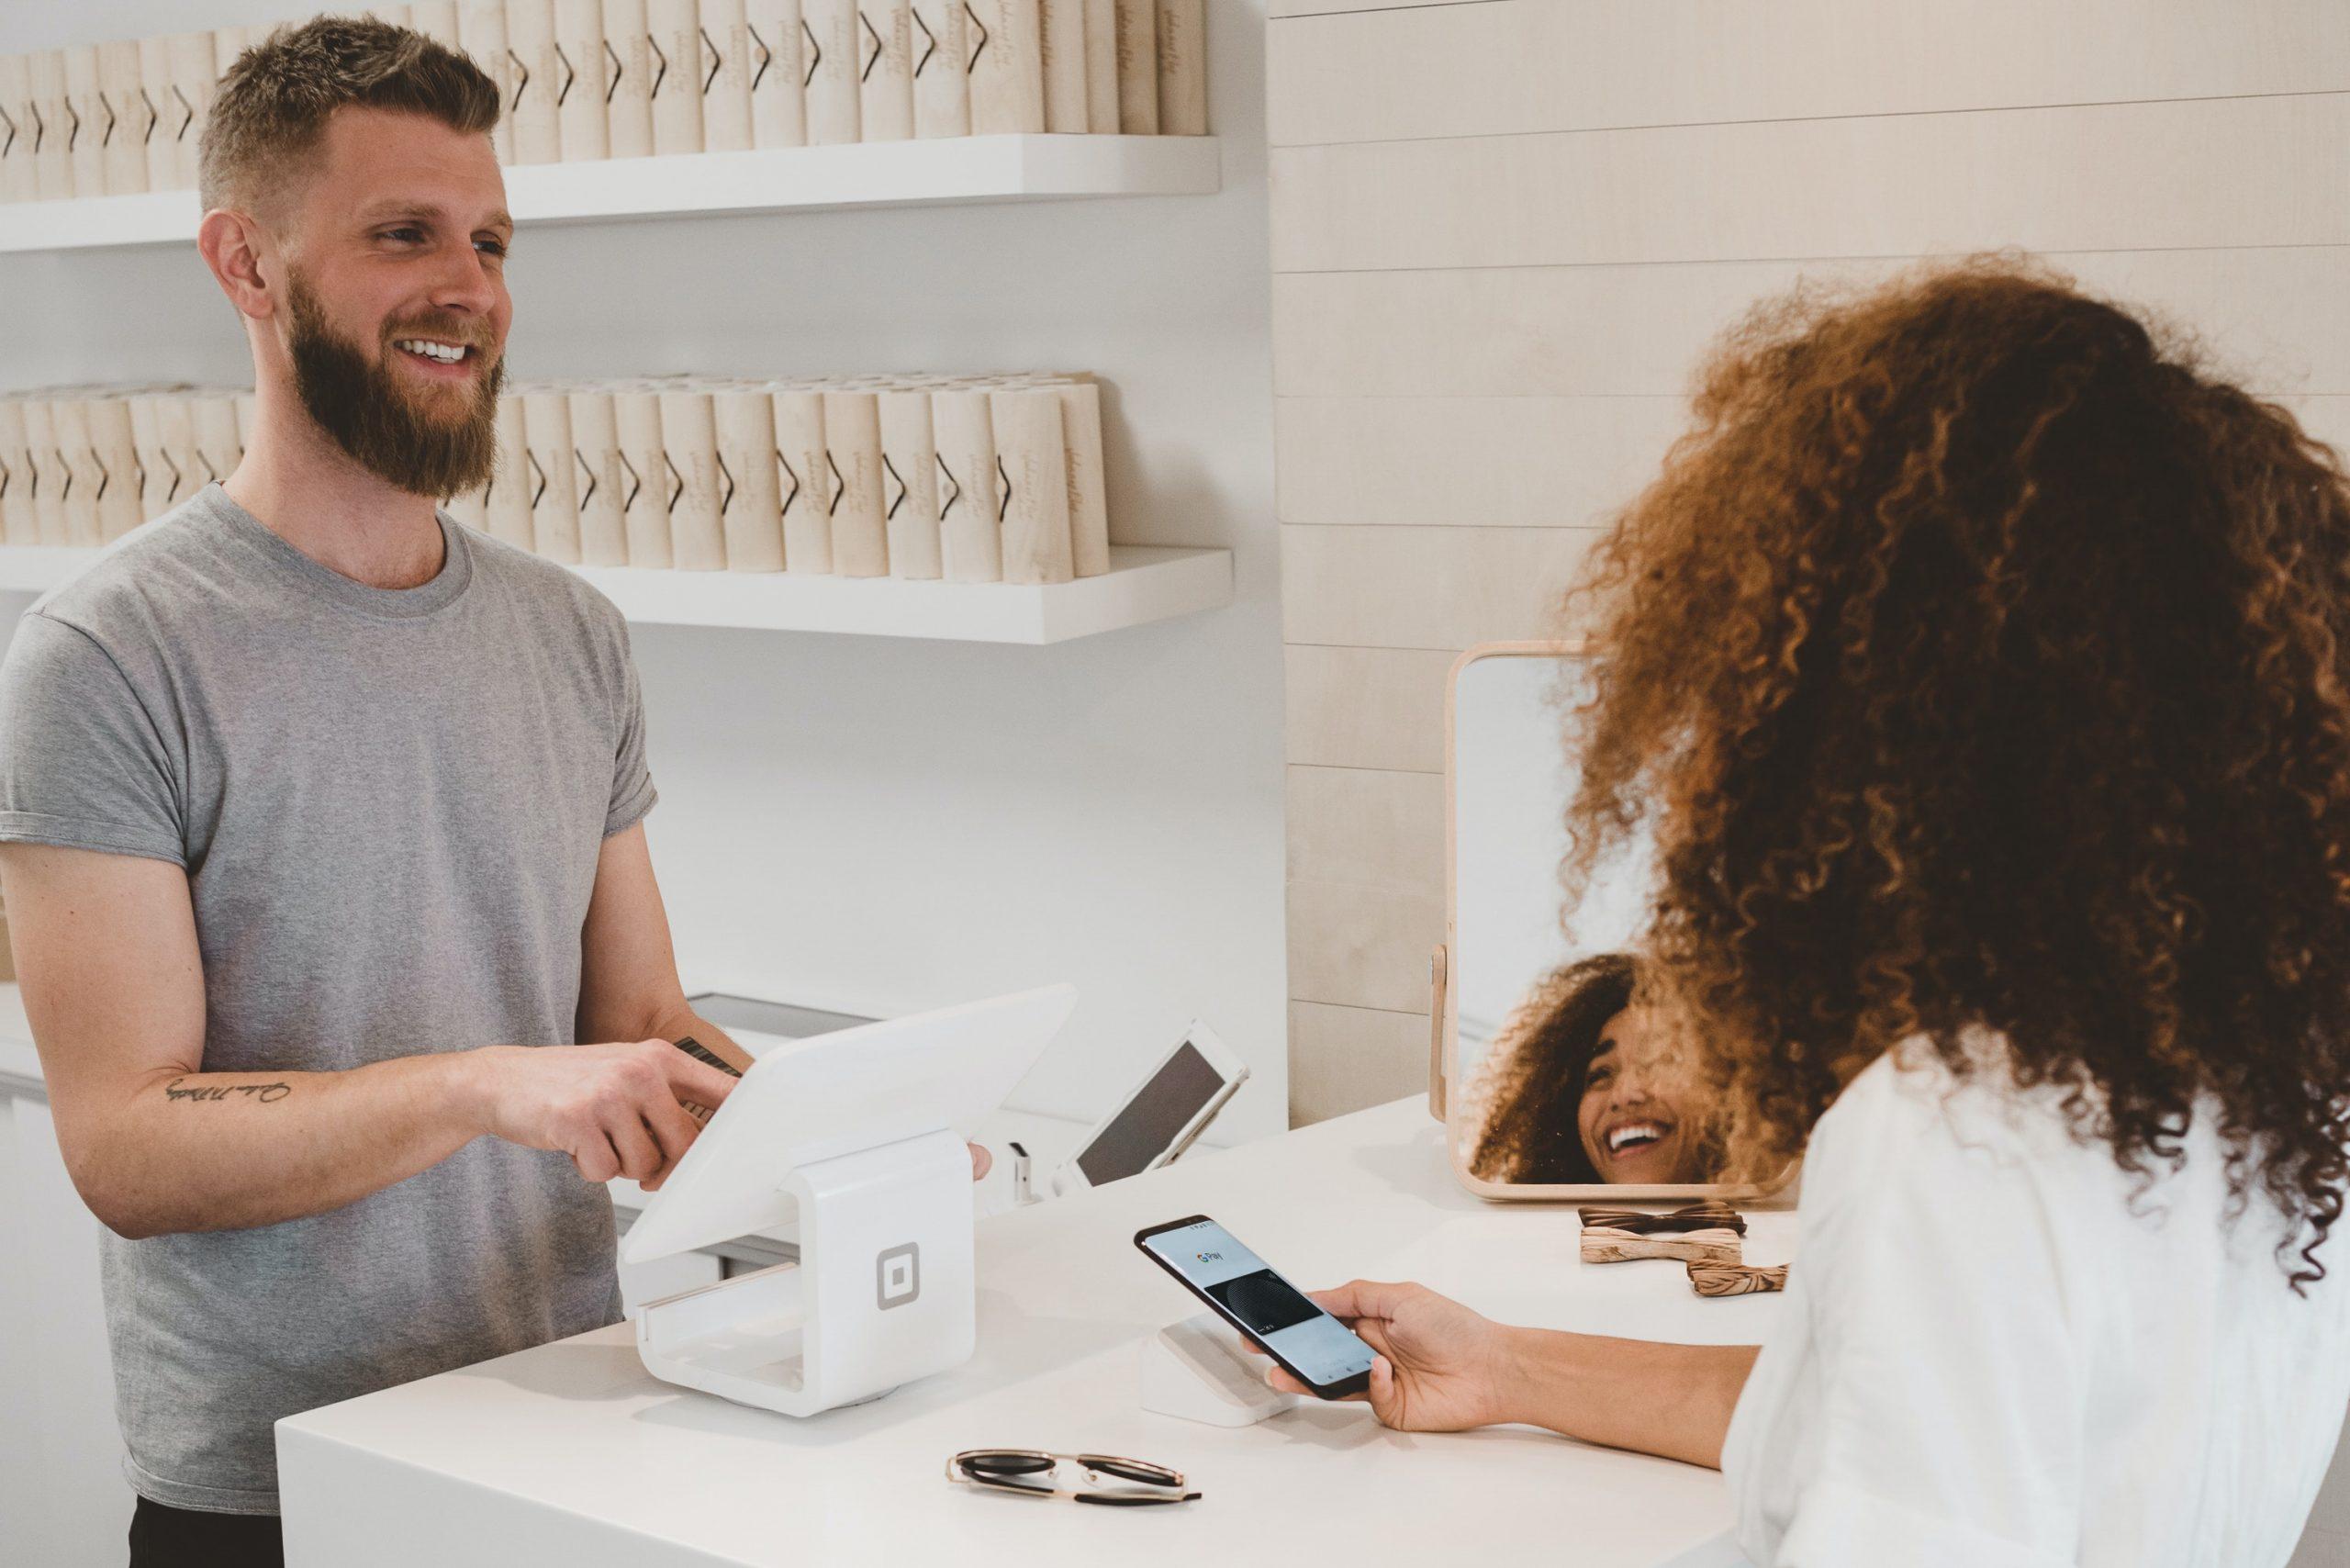 Proteção ao consumidor: no dia do cliente, trazemos alguns direitos essenciais garantidos pela legislação.